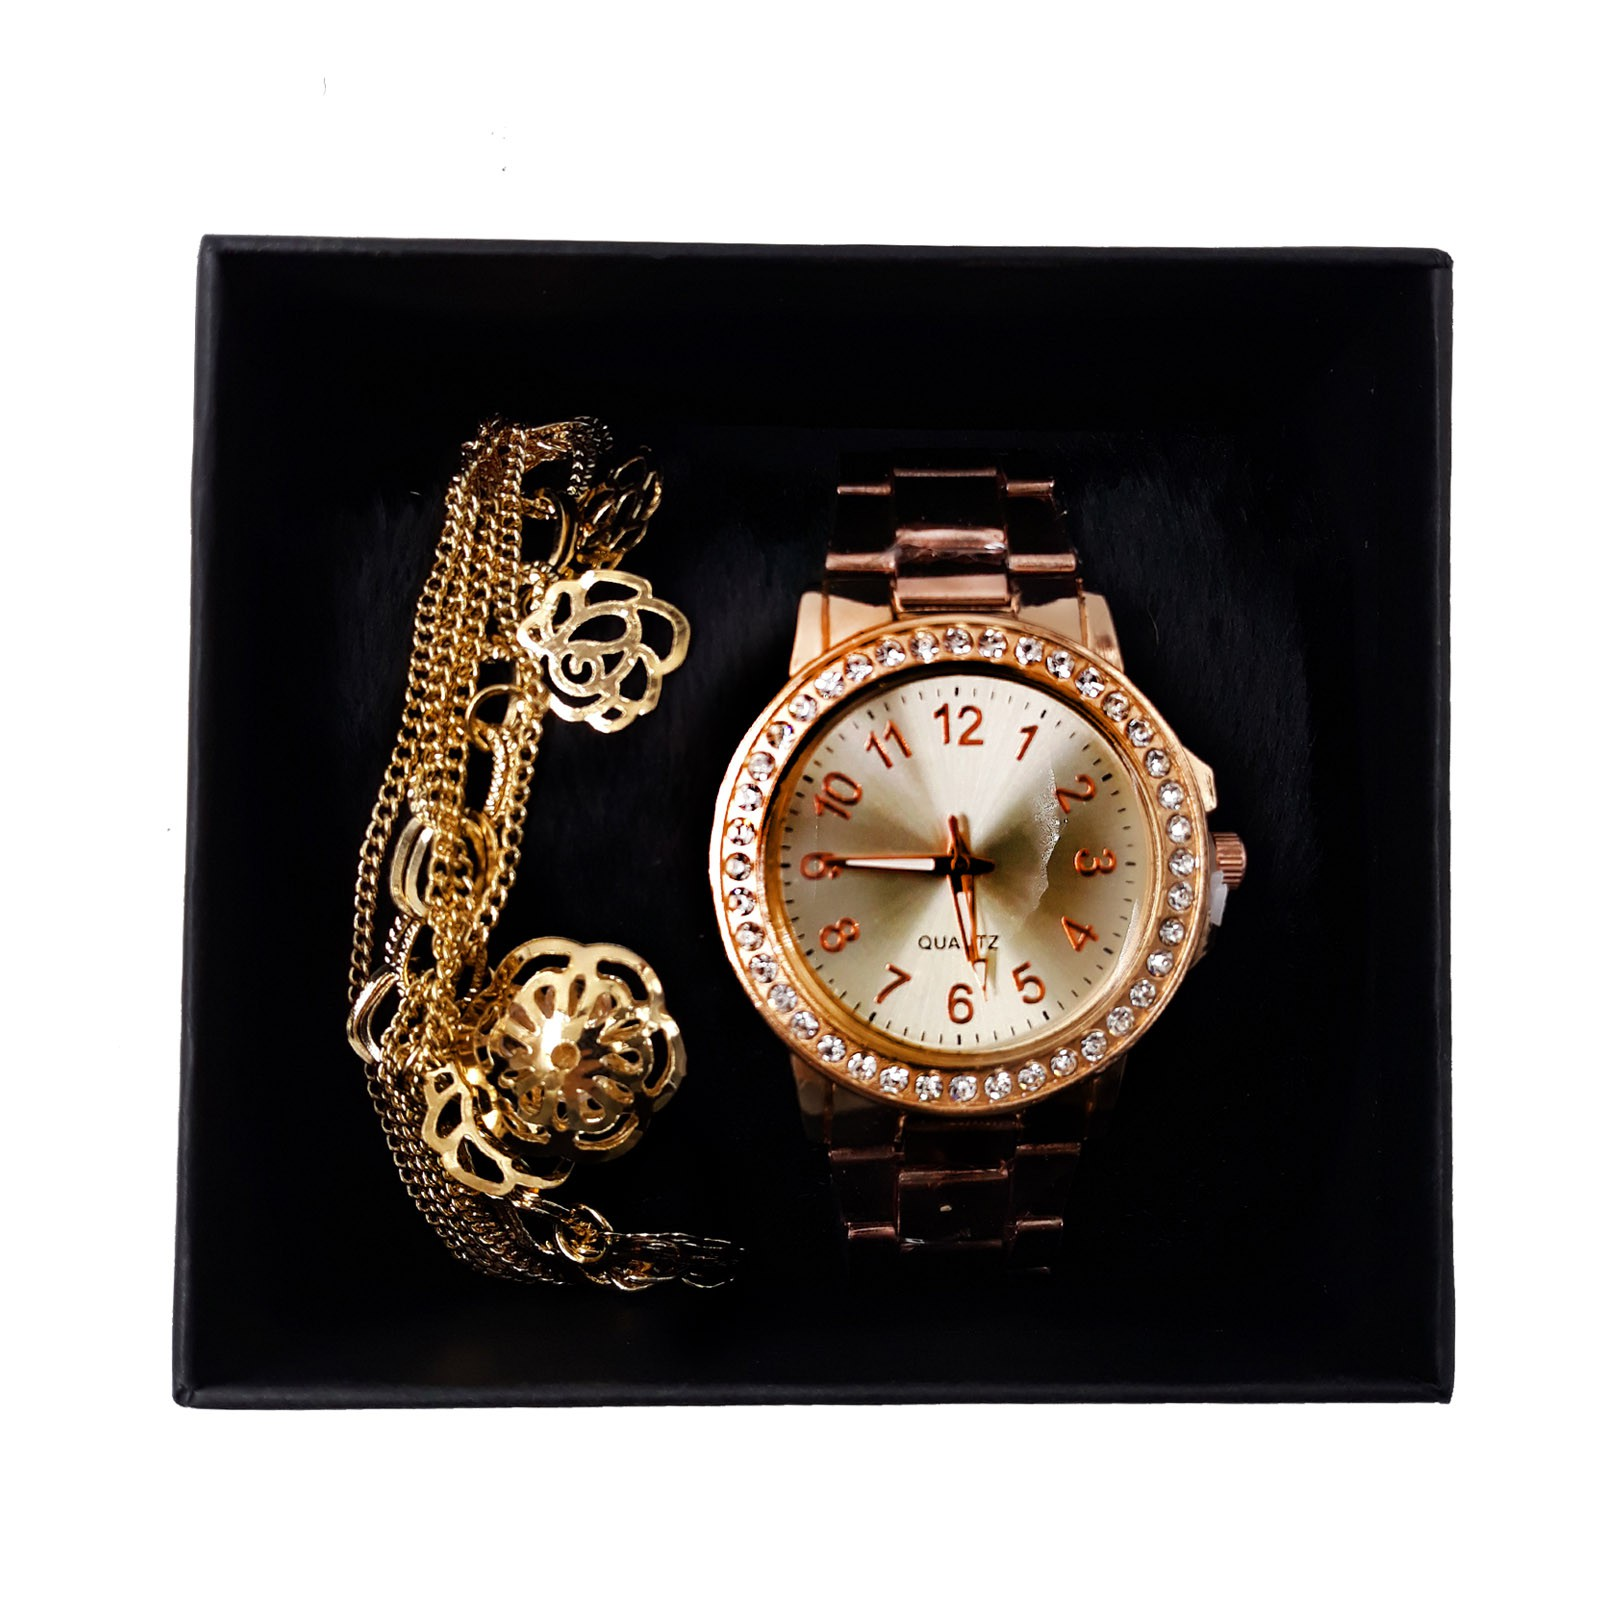 Relógio Quartz Cravejado com Pulseira